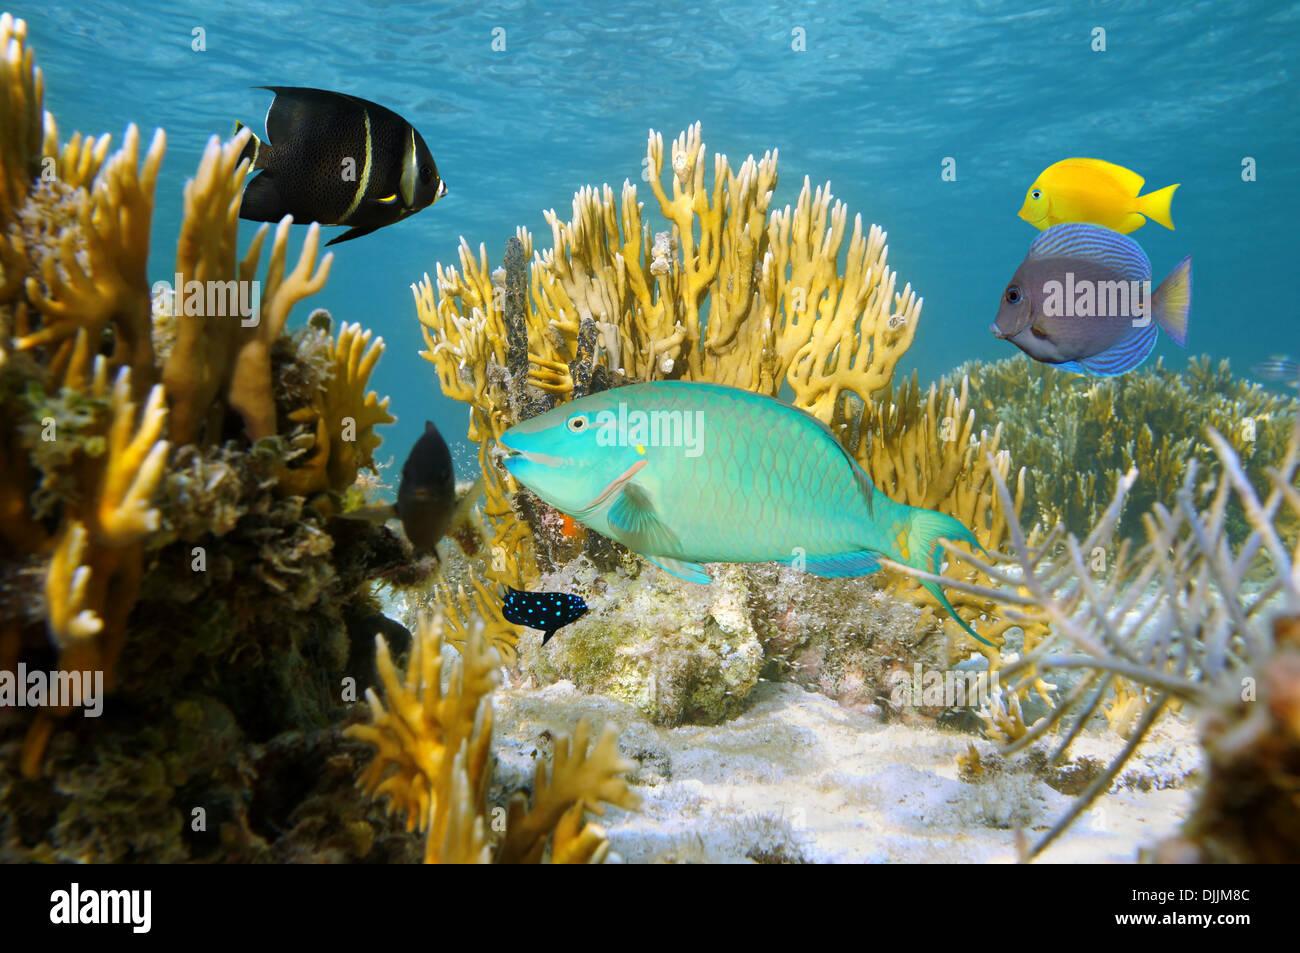 Scène sous-marine avec des poissons tropicaux colorés dans un récif de corail, de l'océan Atlantique, les îles Bahamas Photo Stock